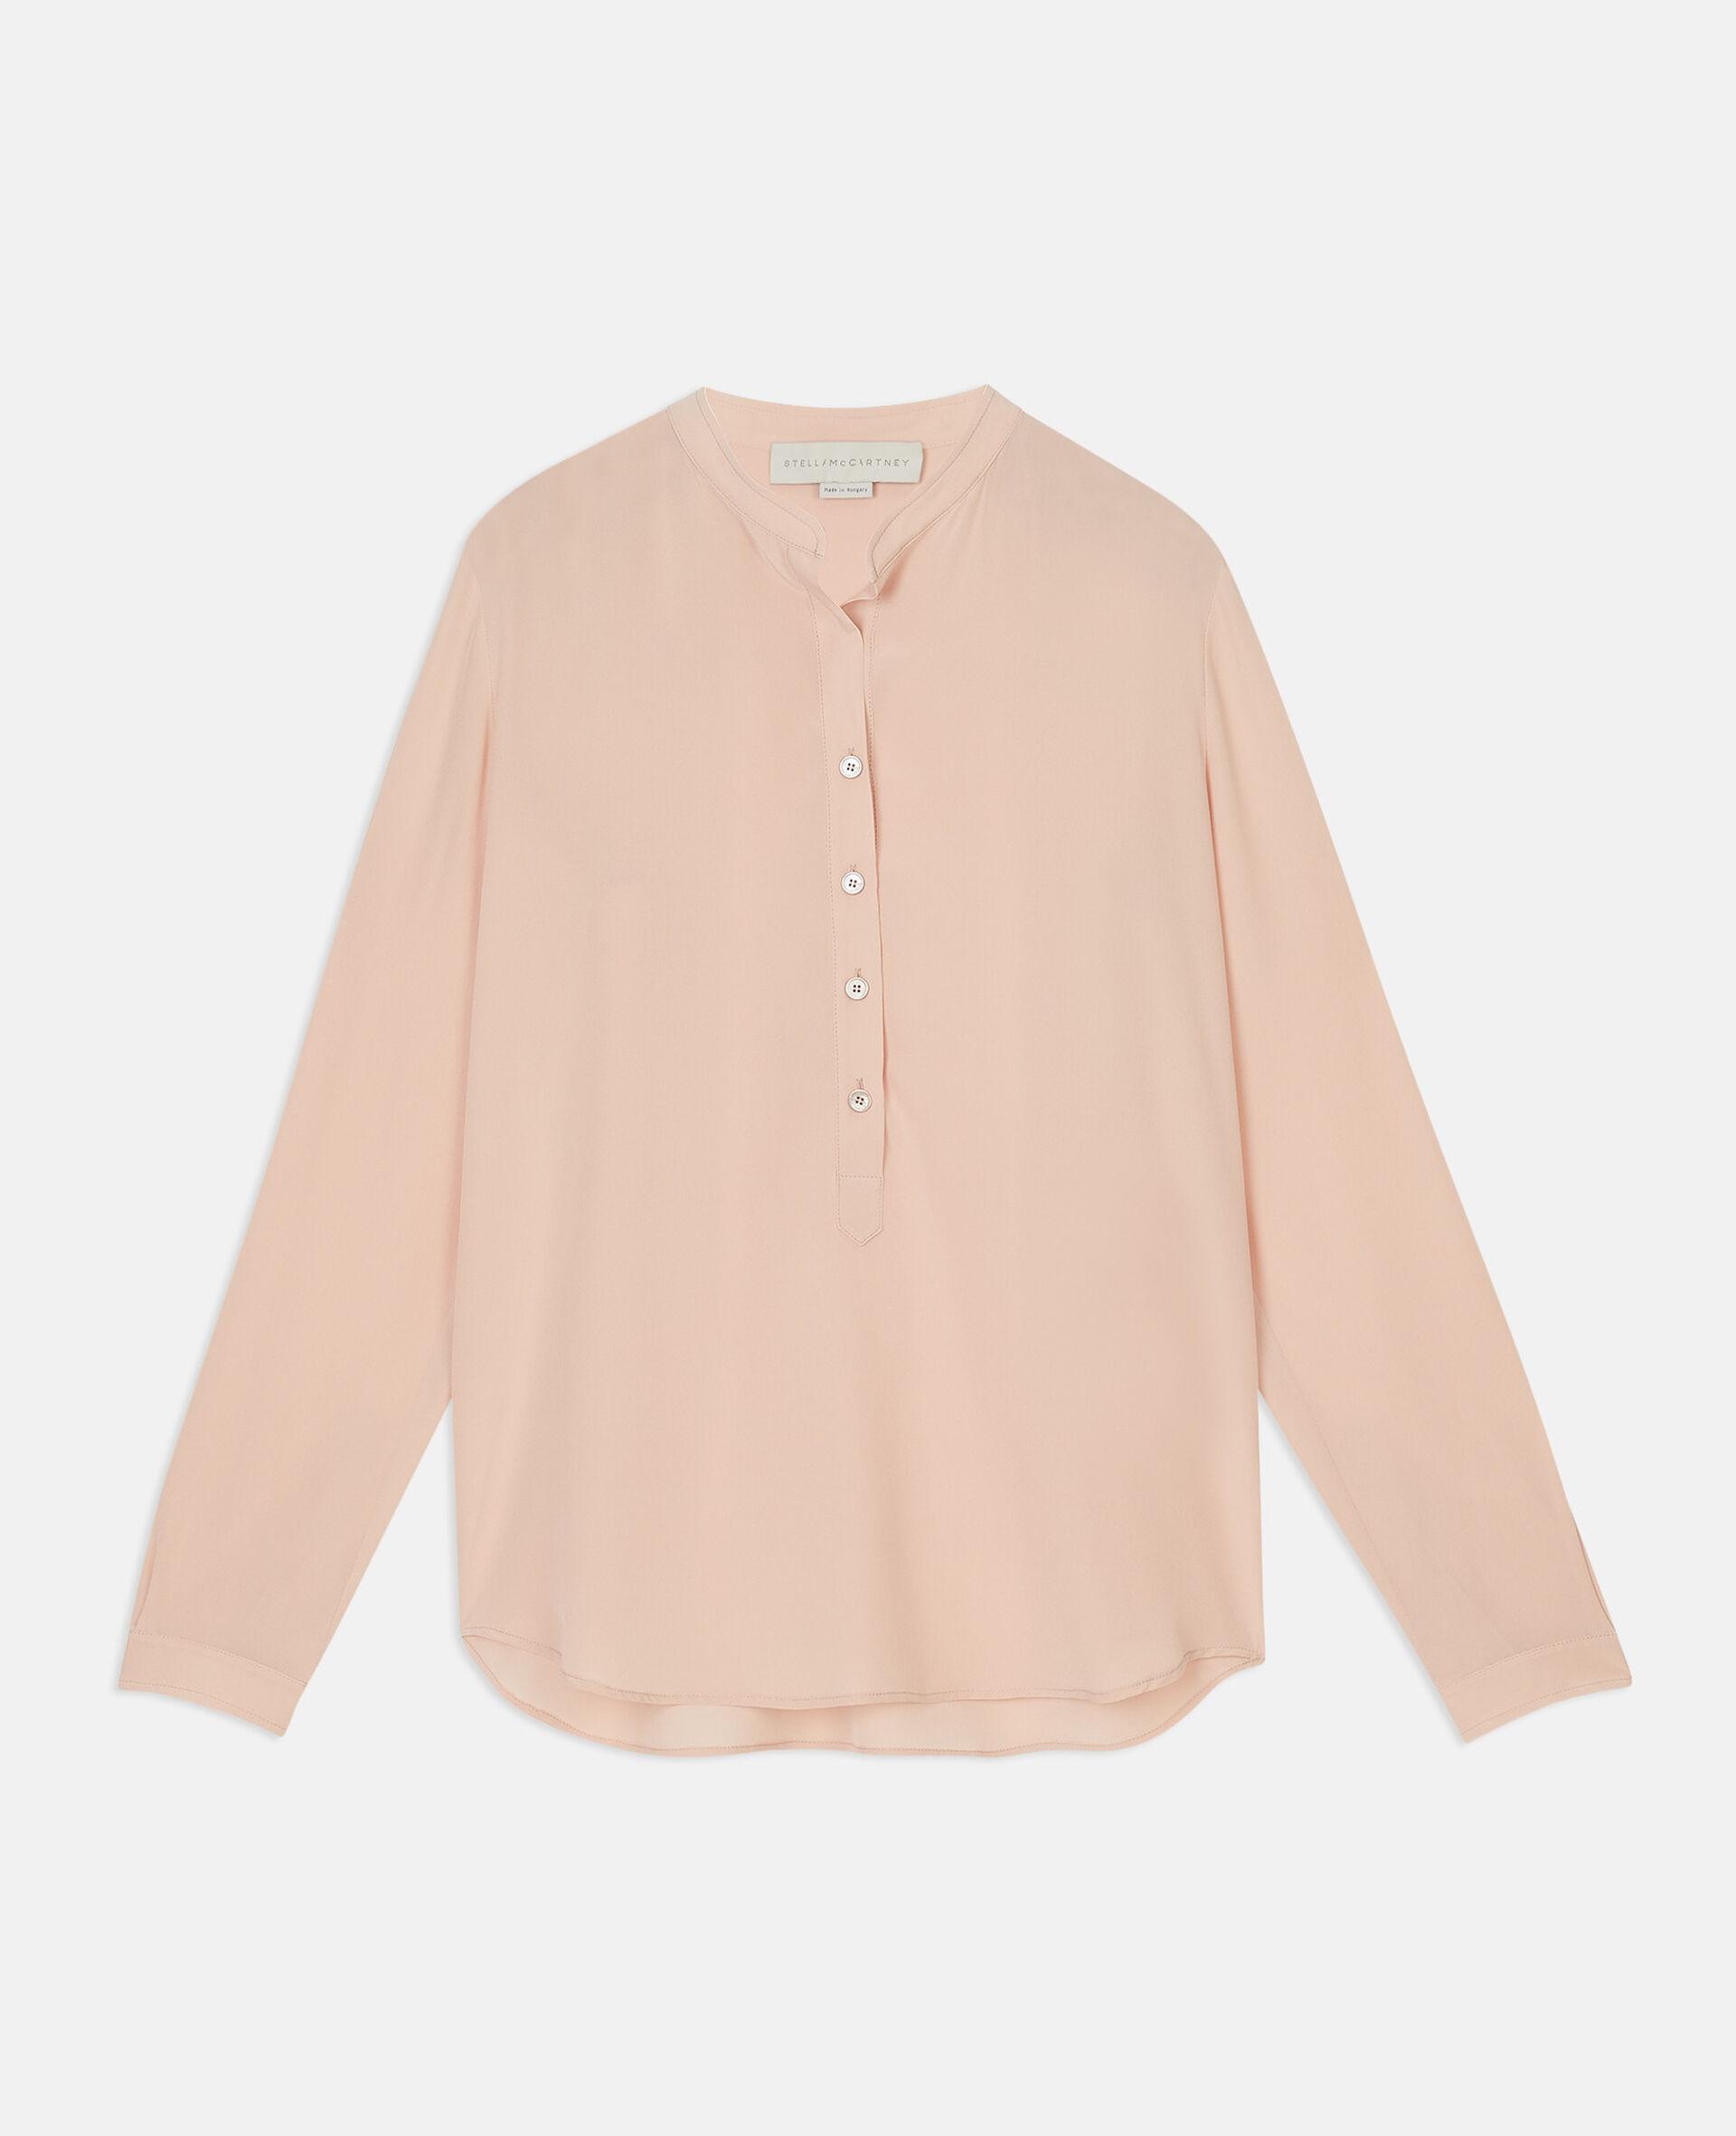 墨色 Eva 衬衫-粉色-large image number 0